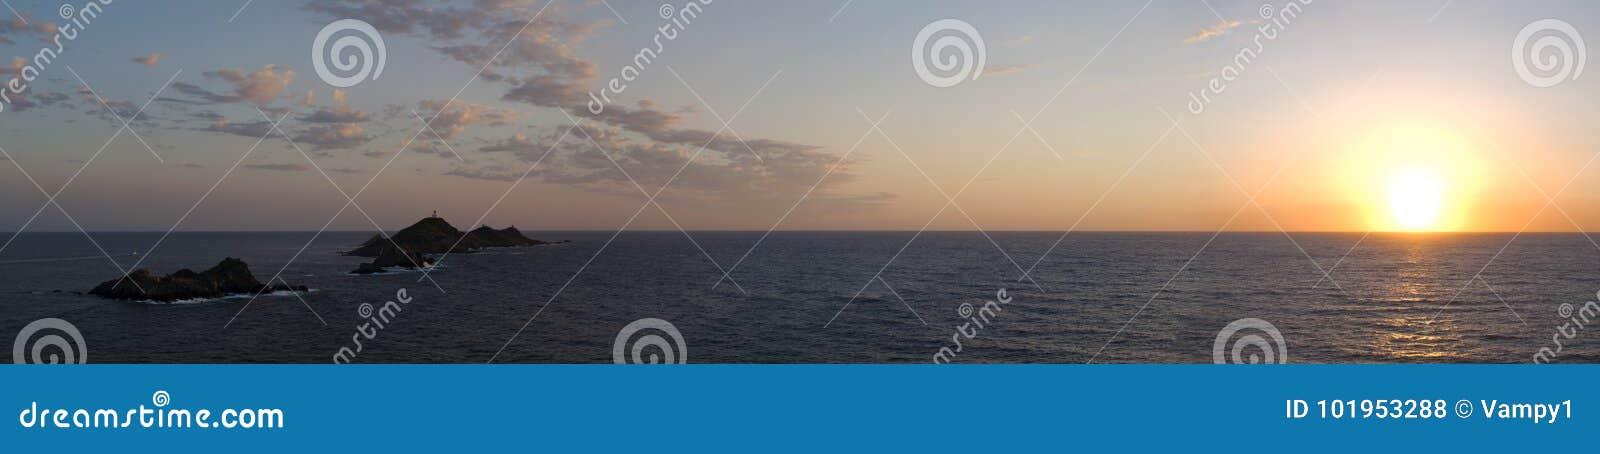 Iles Sanguinaires, golfo de Ajacio, Córcega, Corse, Francia, Europa, isla